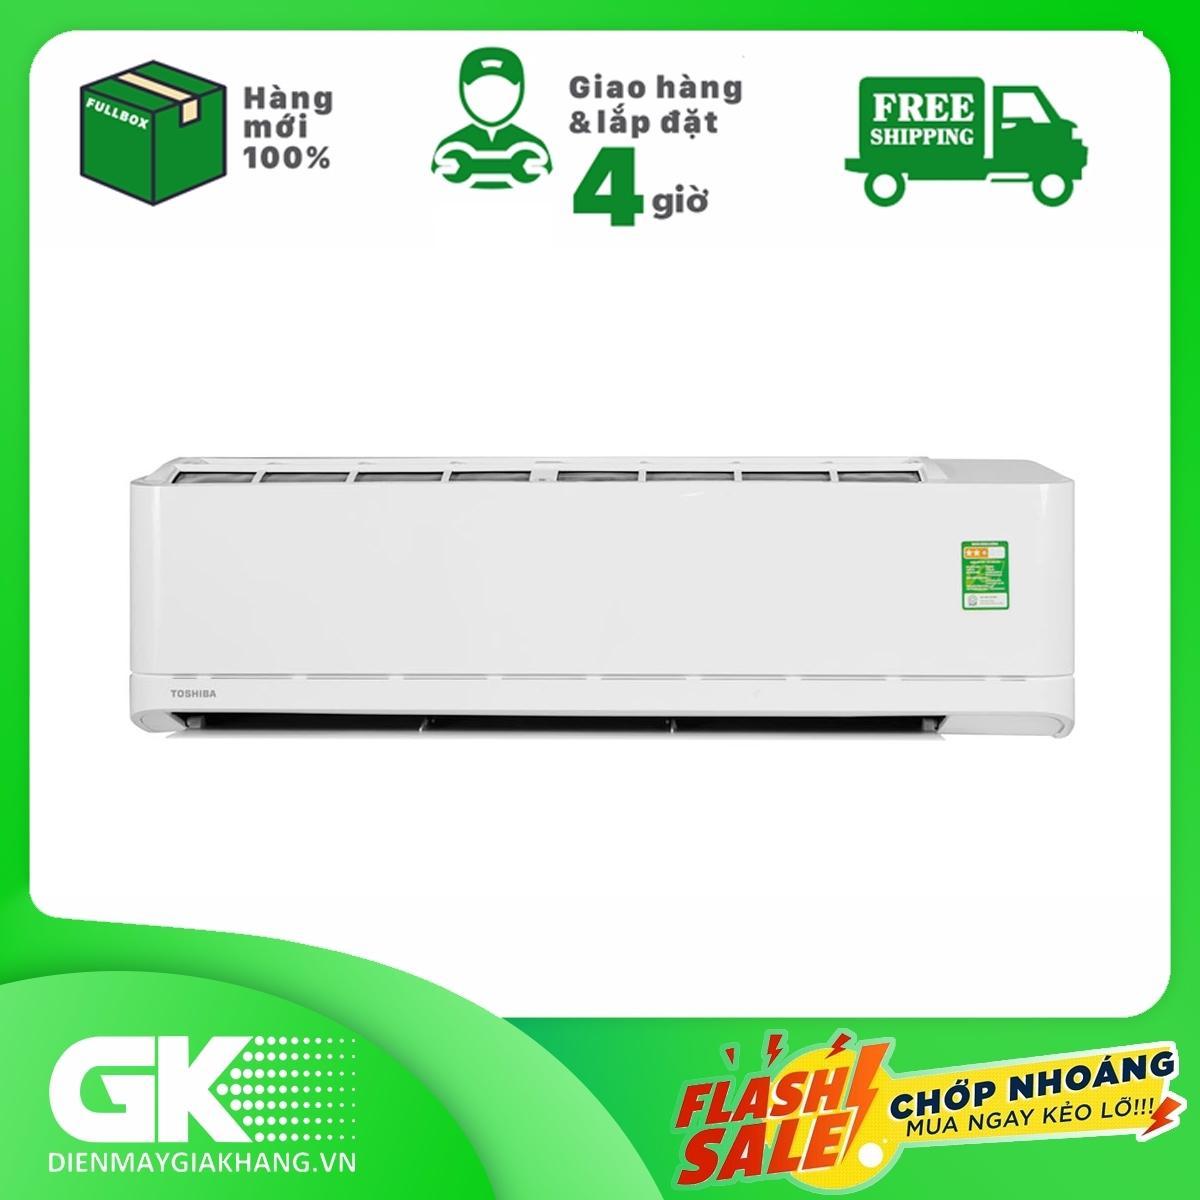 Bảng giá Máy lạnh Toshiba 2 HP RAS-H18U2KSG-V, làm lạnh cực nhanh với công nghệ Hi Power, kháng khuẩn, tiêu diệt vi khuẩn với bộ lọc Toshiba IAQ - Bảo hành 24 tháng